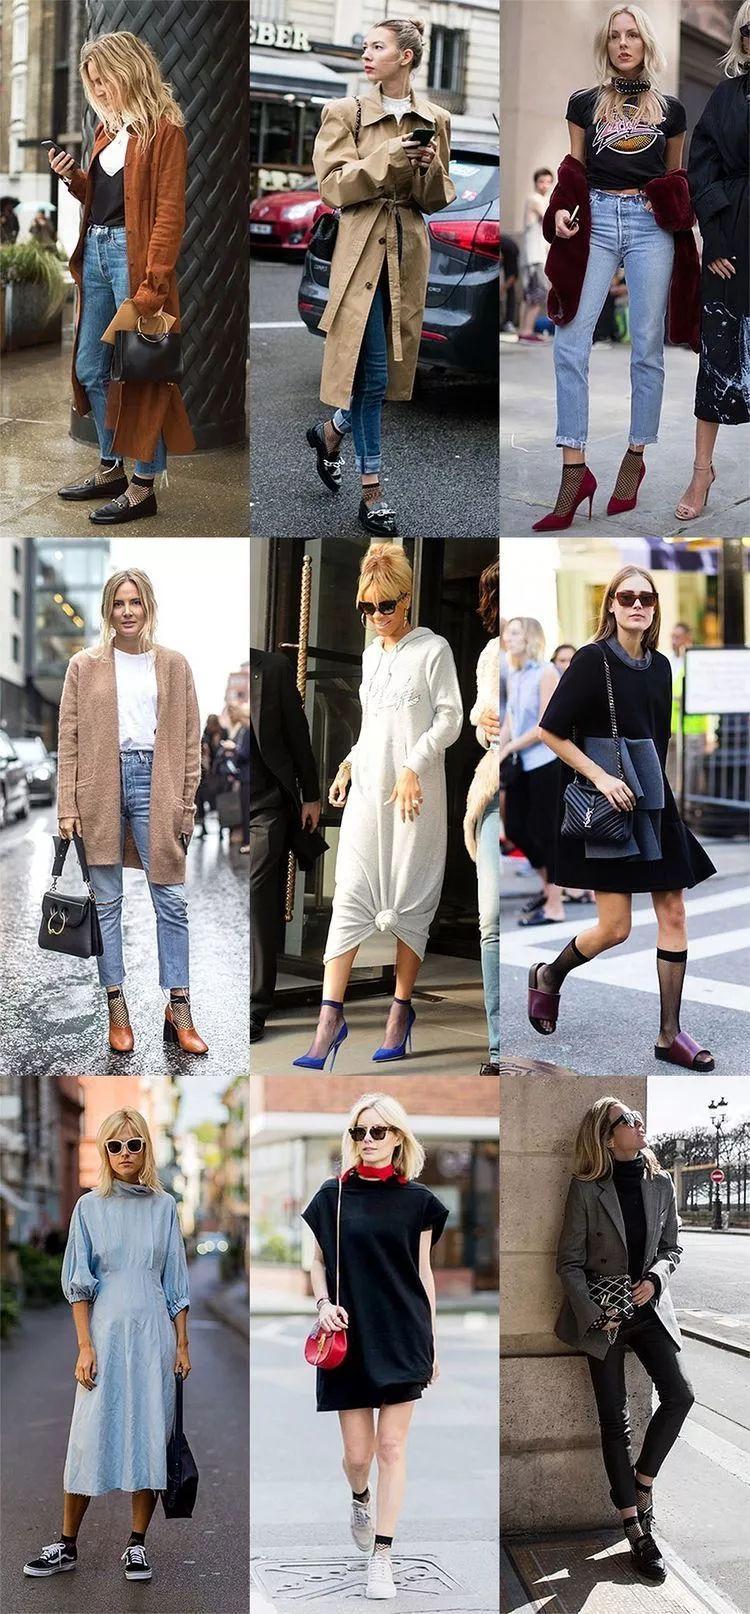 当我们穿着相同鞋子的时候,只有袜子能代表你的个性了